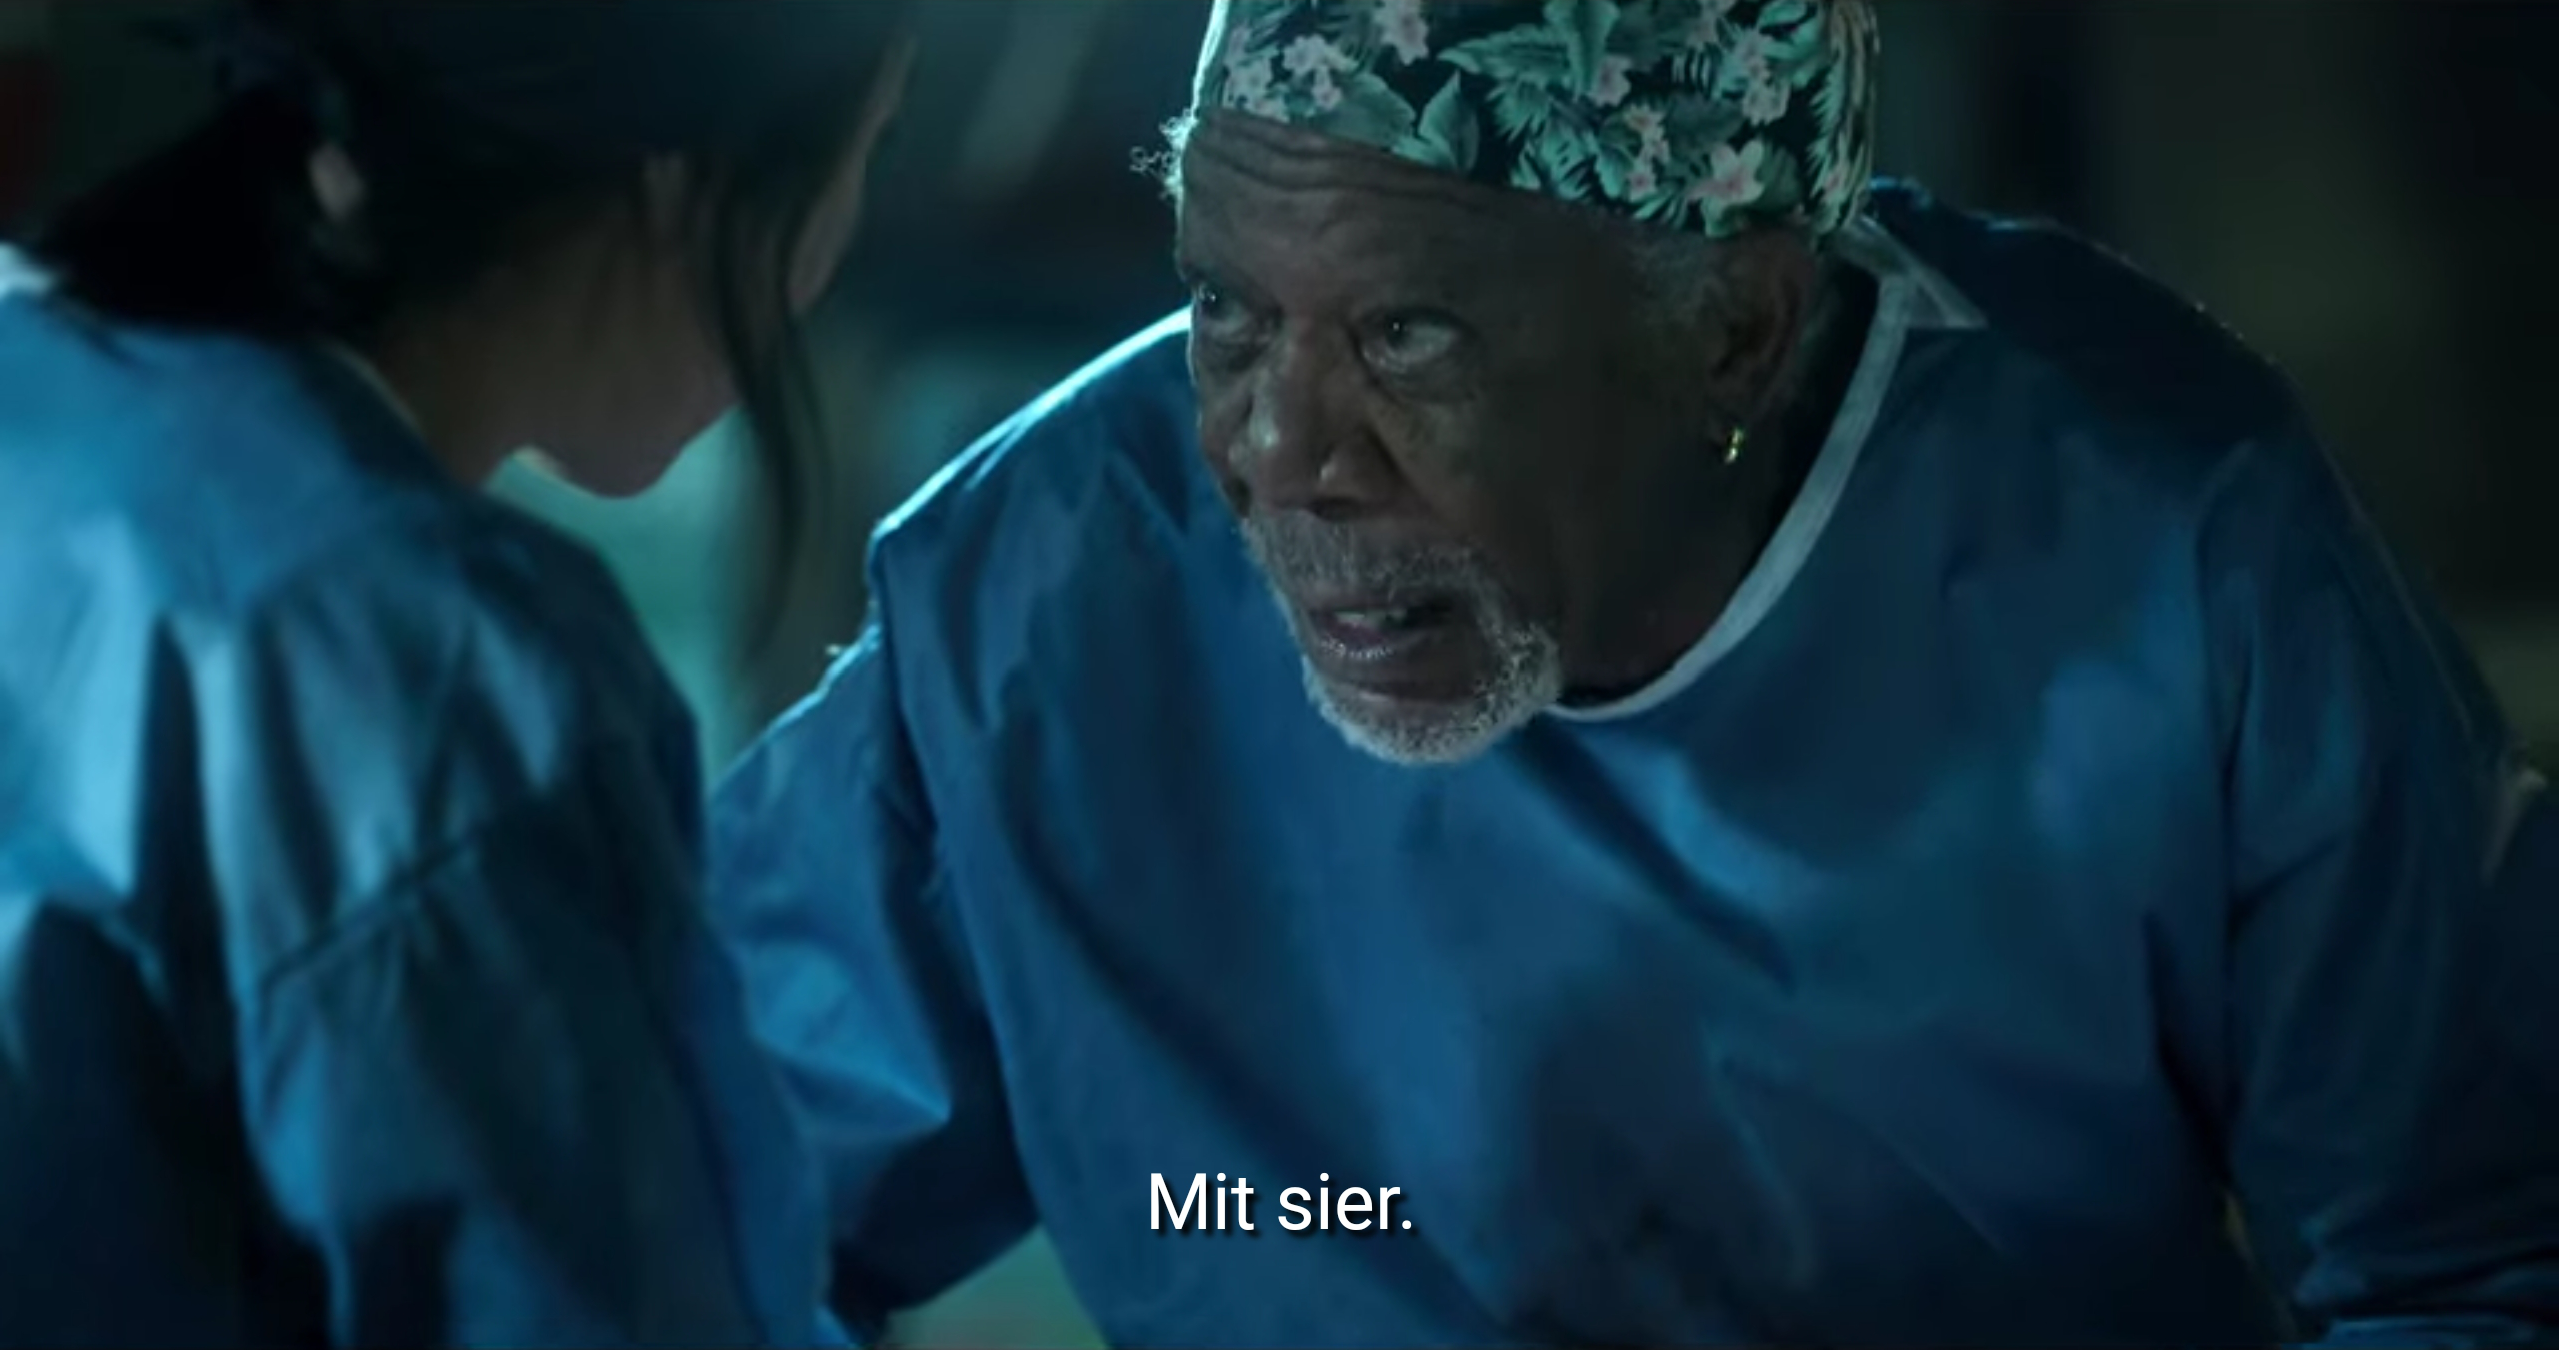 Filmstandbild mit Untertitel: >Mit sier!<. Die Person mit Kopfbedeckung hat einen weißen Henriquatre-Bart, einen Ohring und schaut hoch.